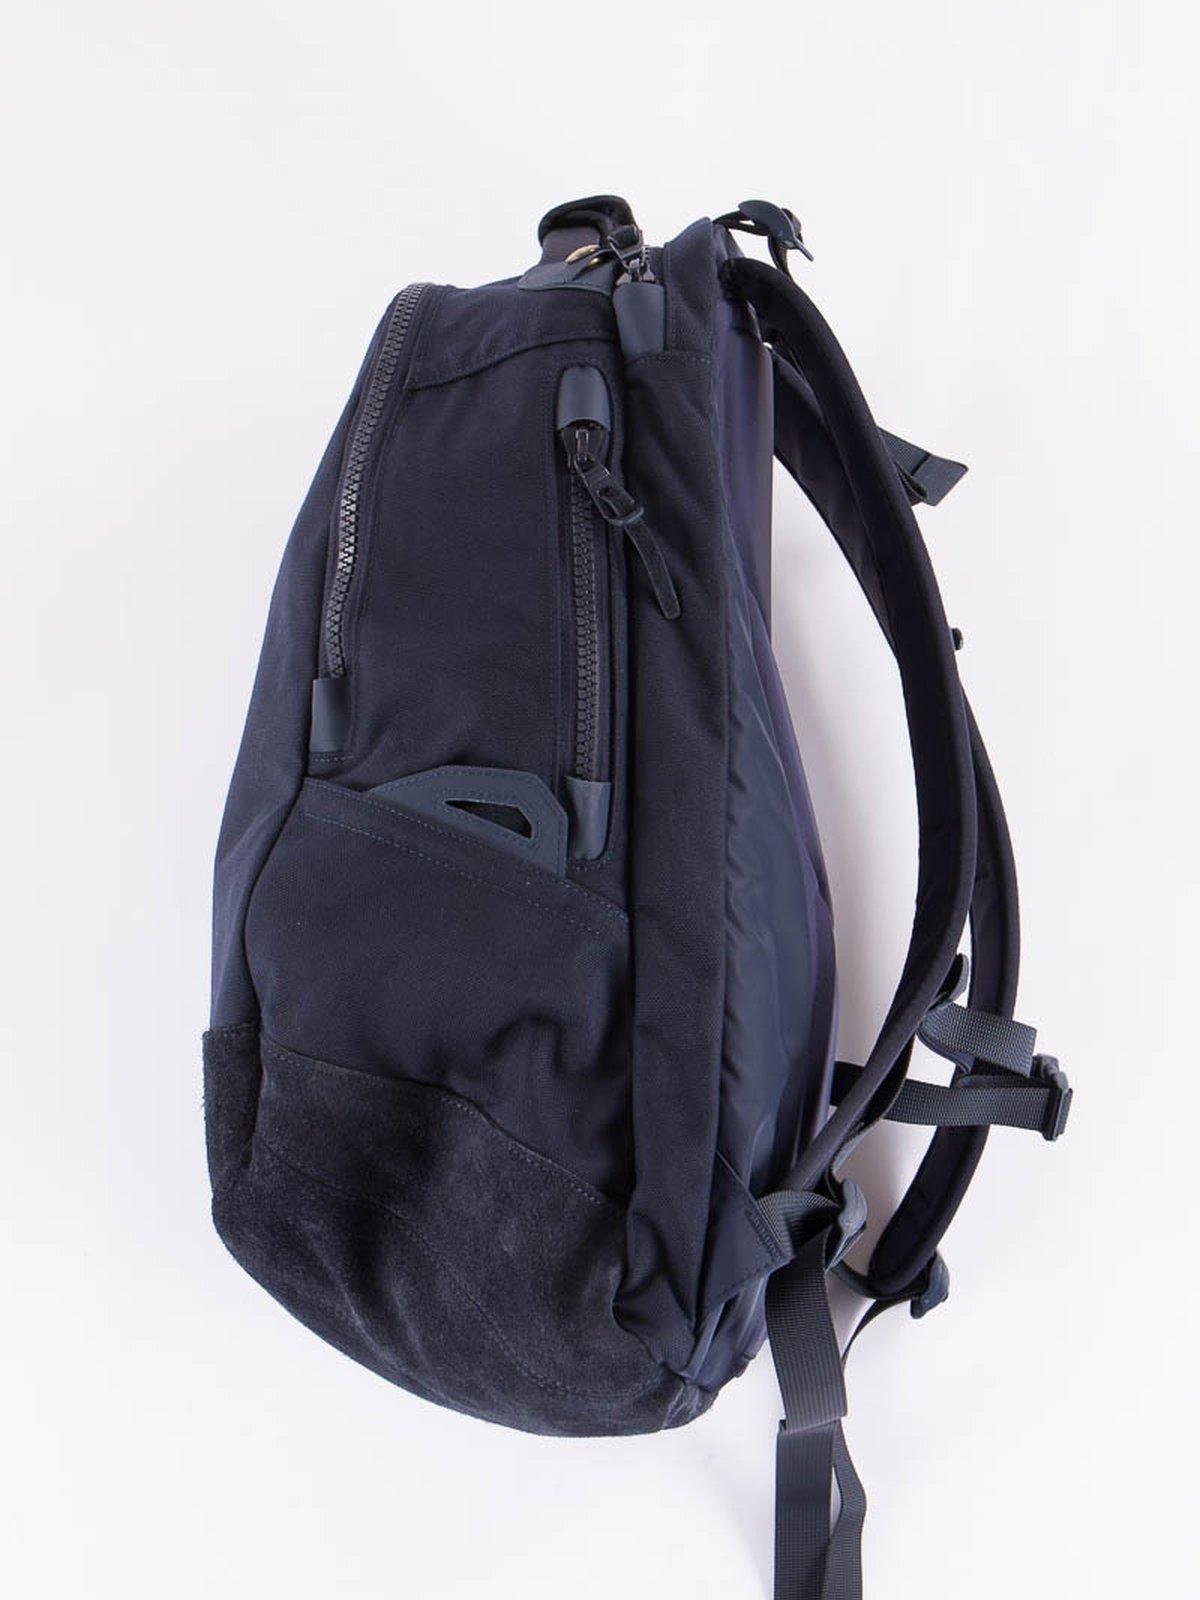 Navy 20L Ballistic Backpack - Image 4